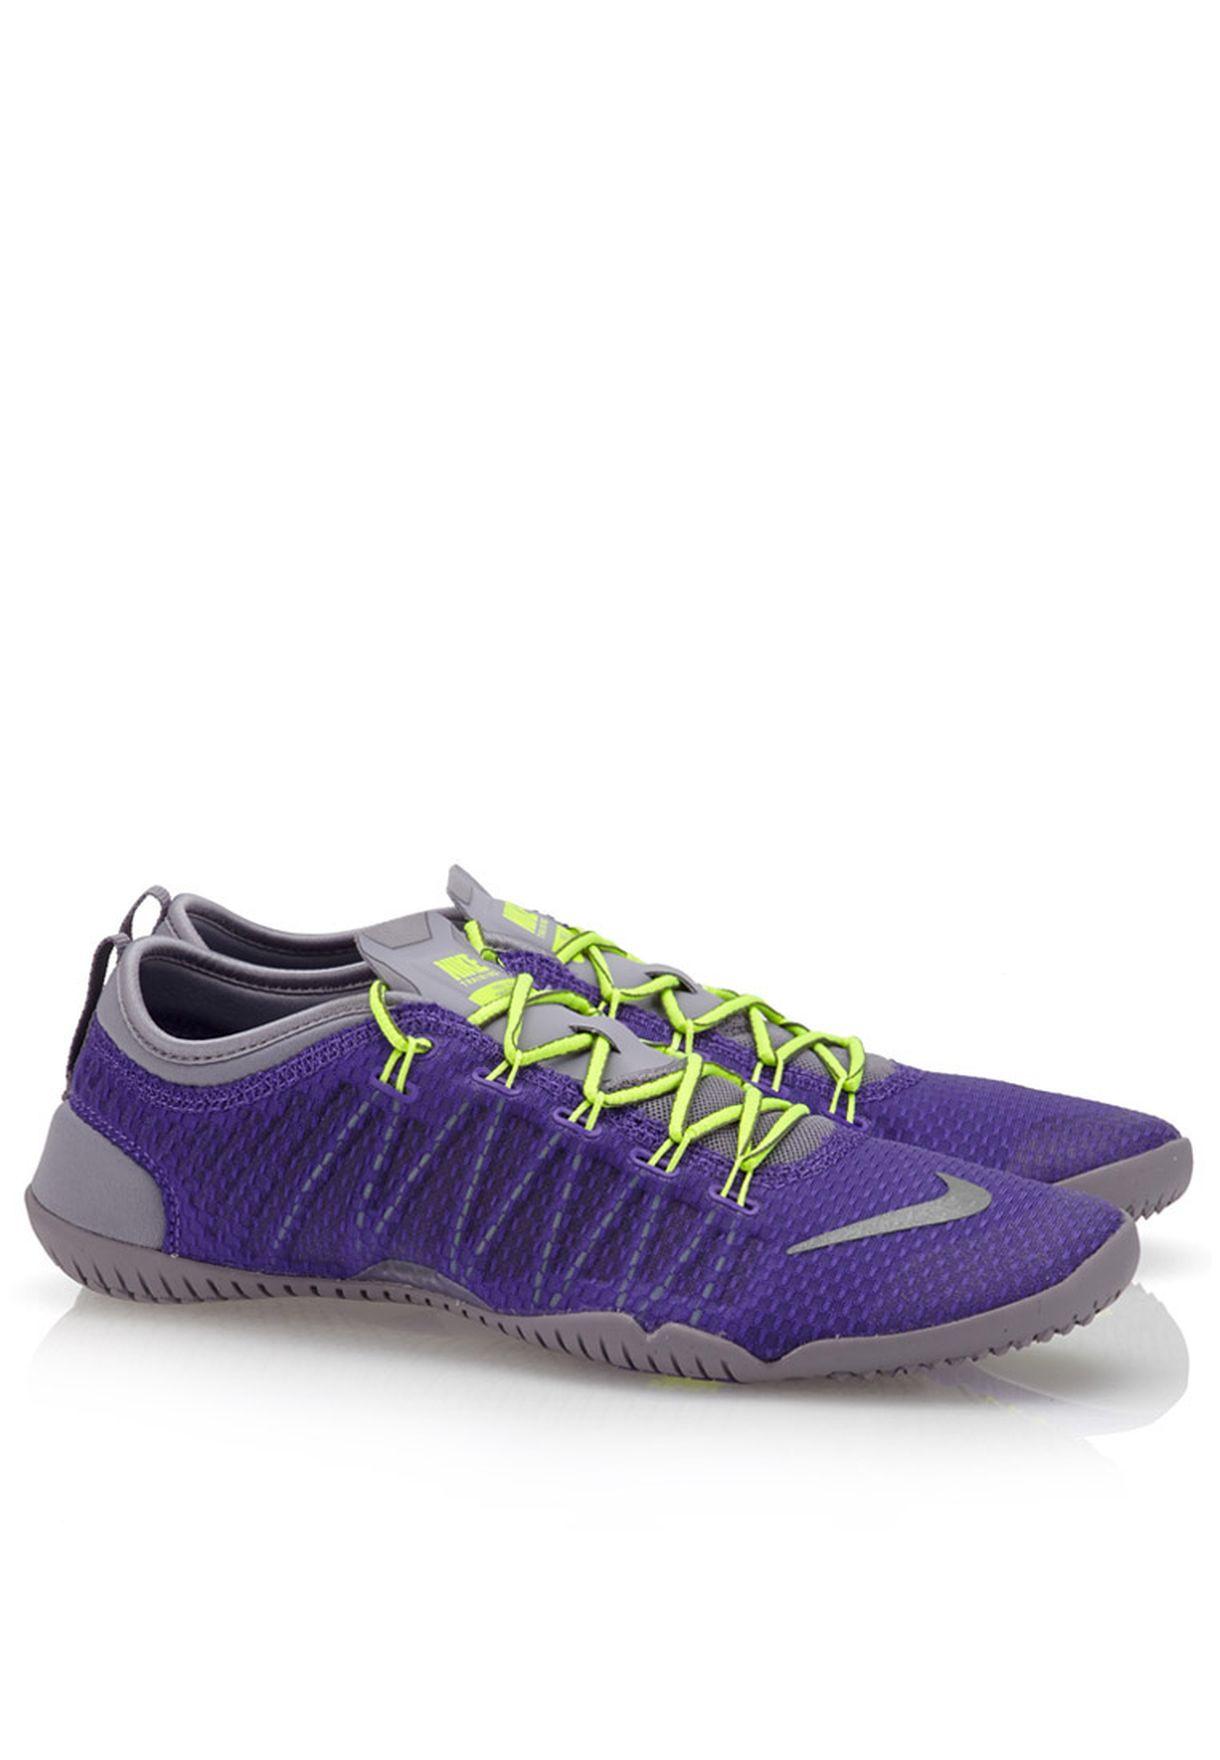 4f79e20da409d Shop Nike purple Free 1.0 Cross Bionic 641530-501 for Women in UAE ...